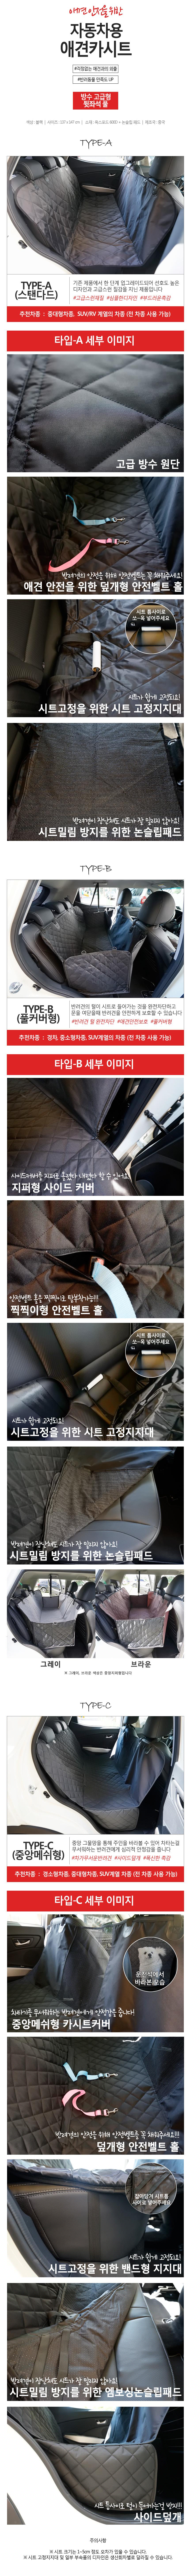 강아지 해먹형 카시트 고급형 방수 3종 모음 - 멍뭉스, 36,000원, 이동장/리드줄/야외용품, 이동가방